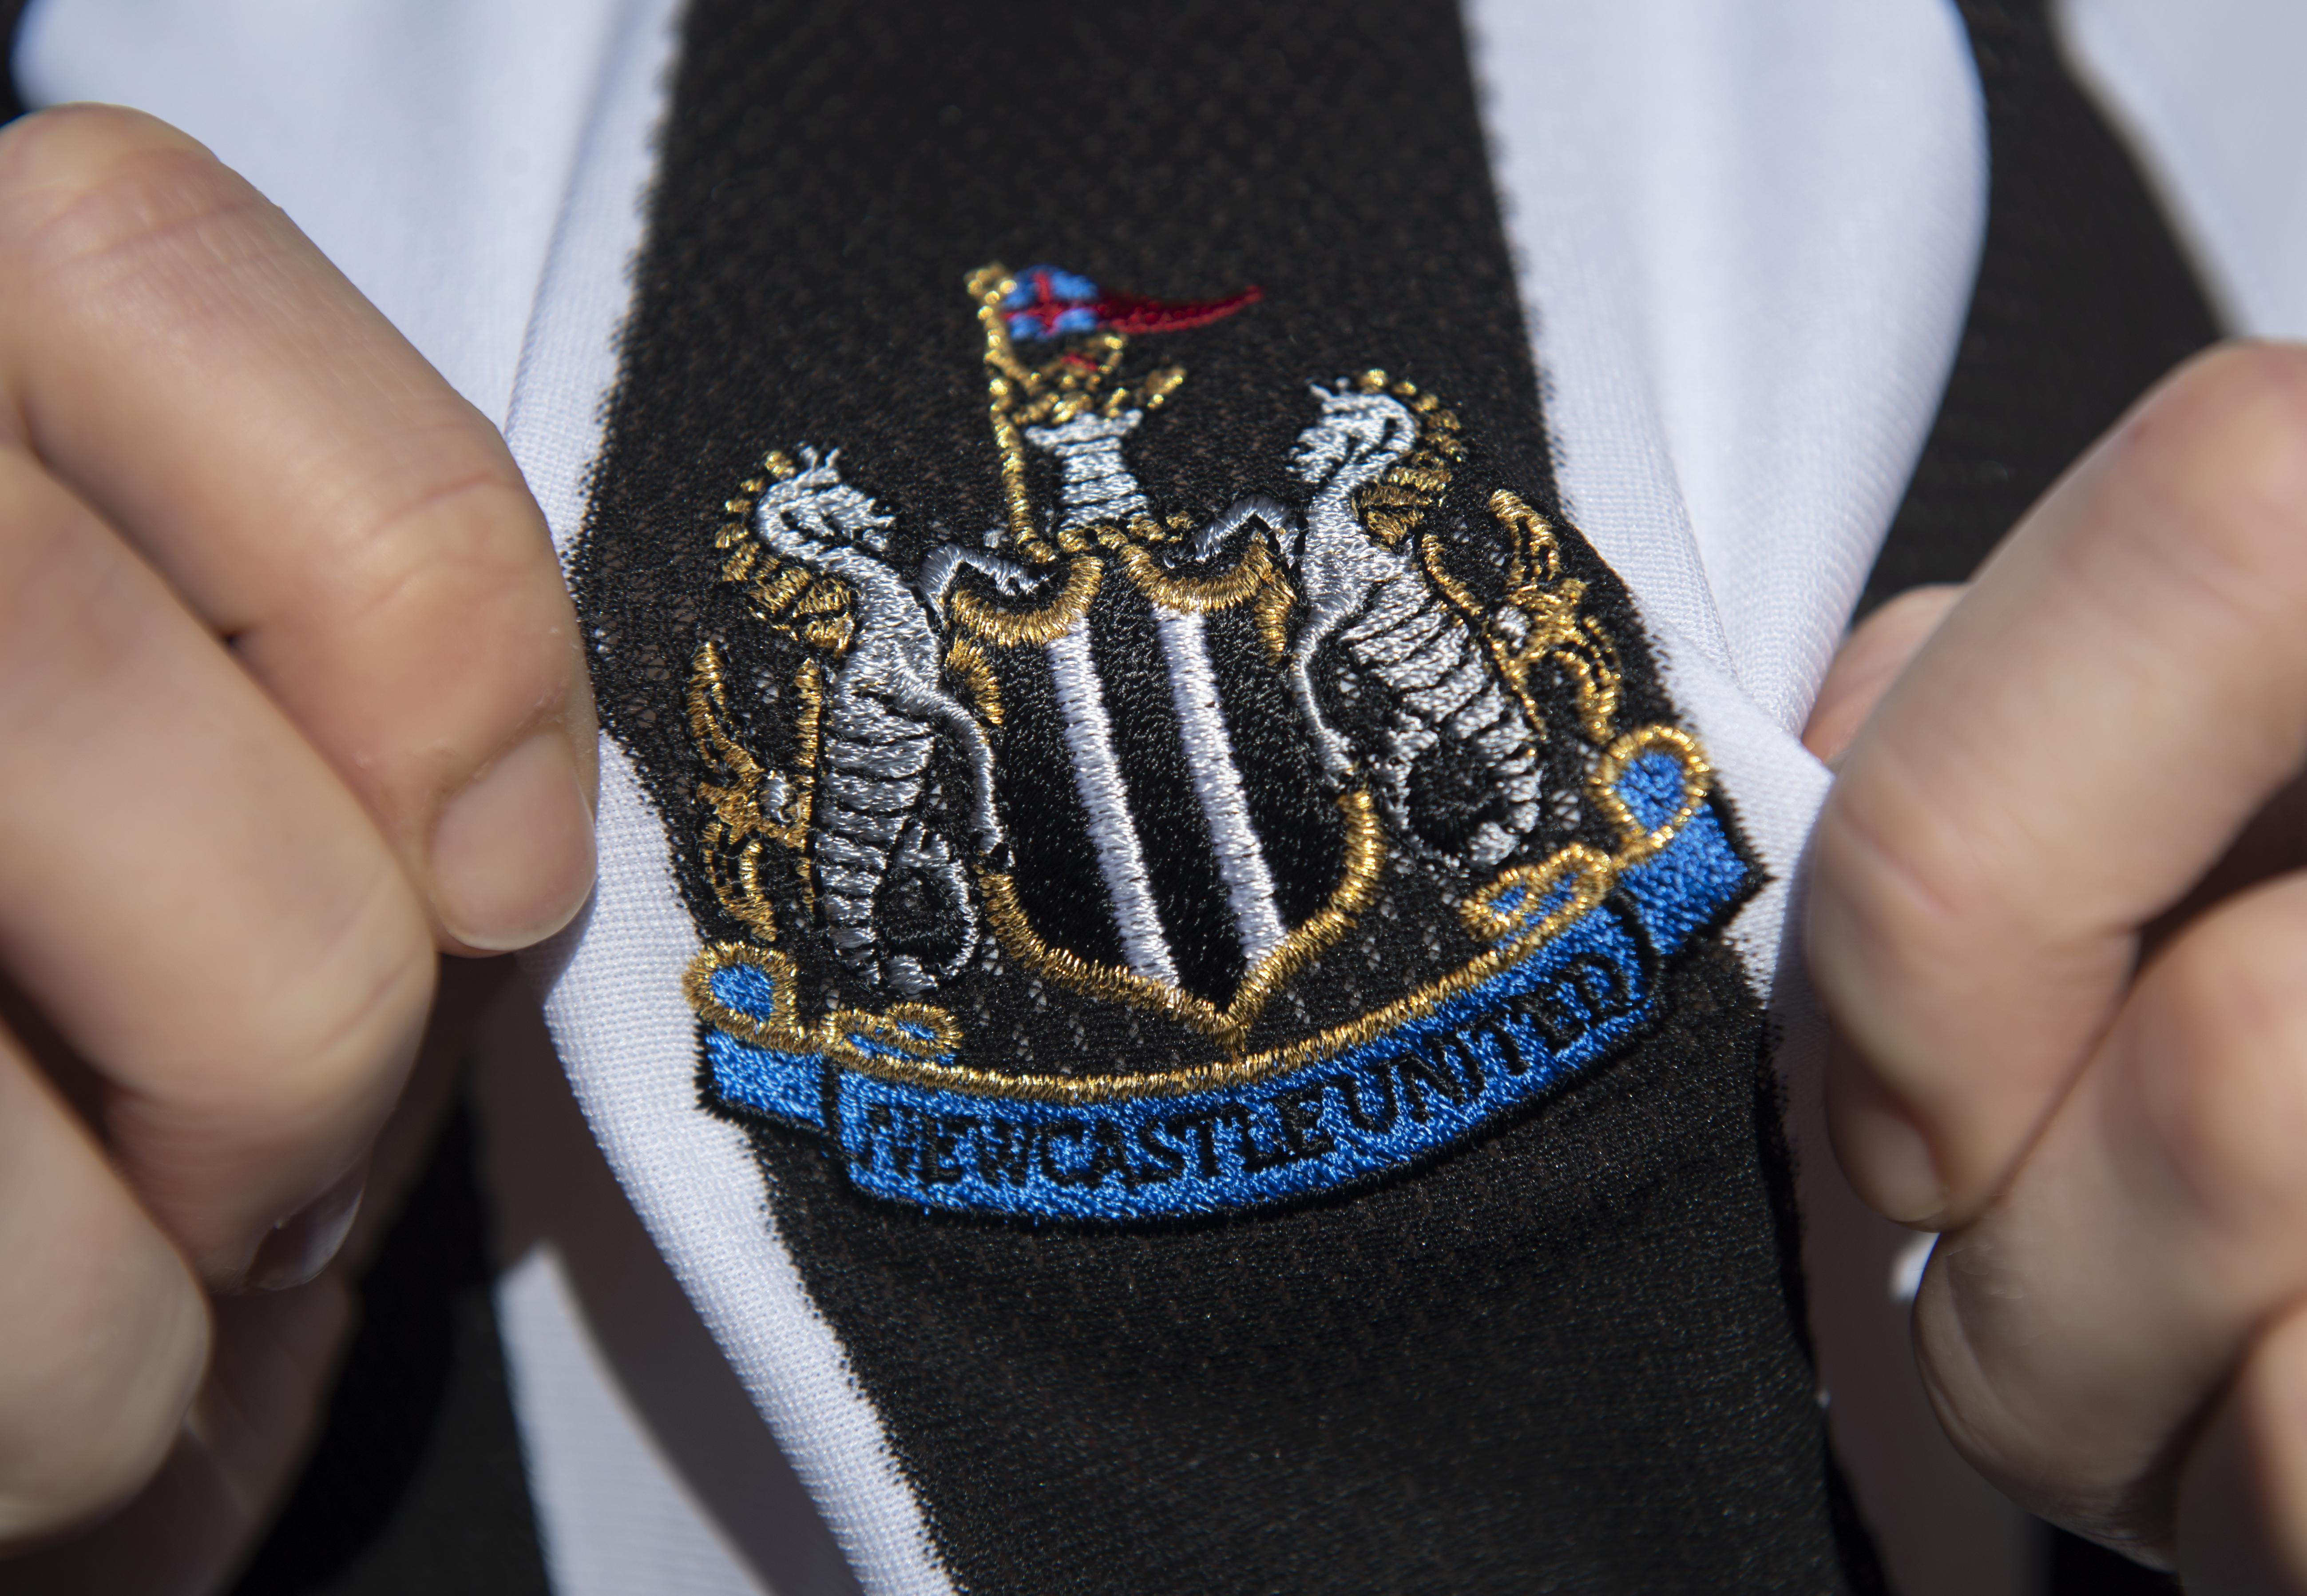 The Newcastle United Club Badge